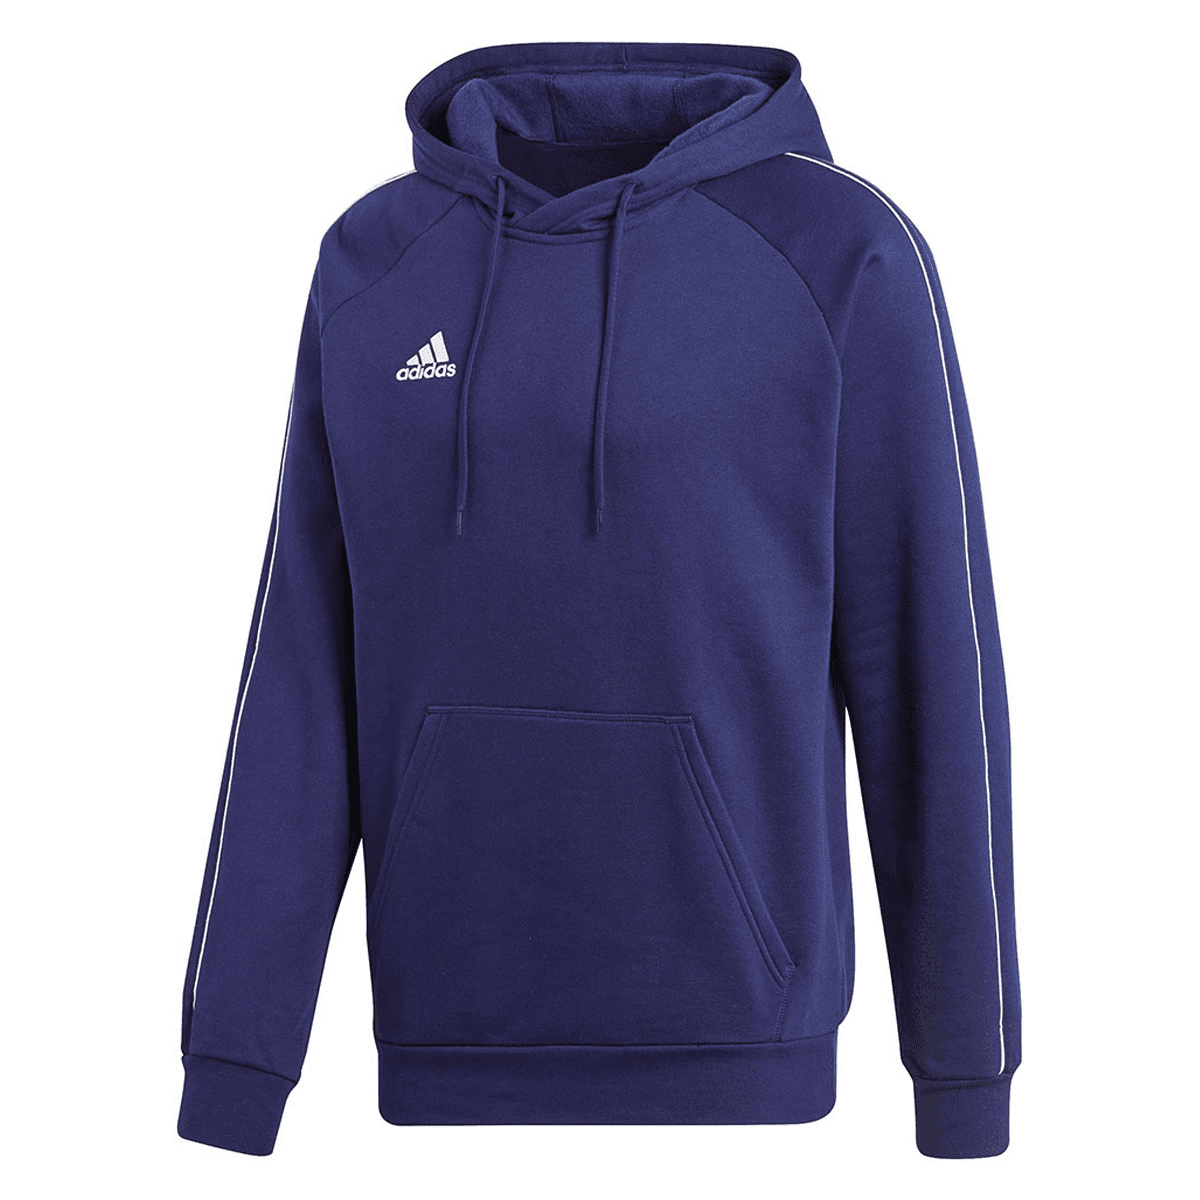 adidas Core 18 Hoody kapucnis pulóver sötétkékfehér Futball áruház